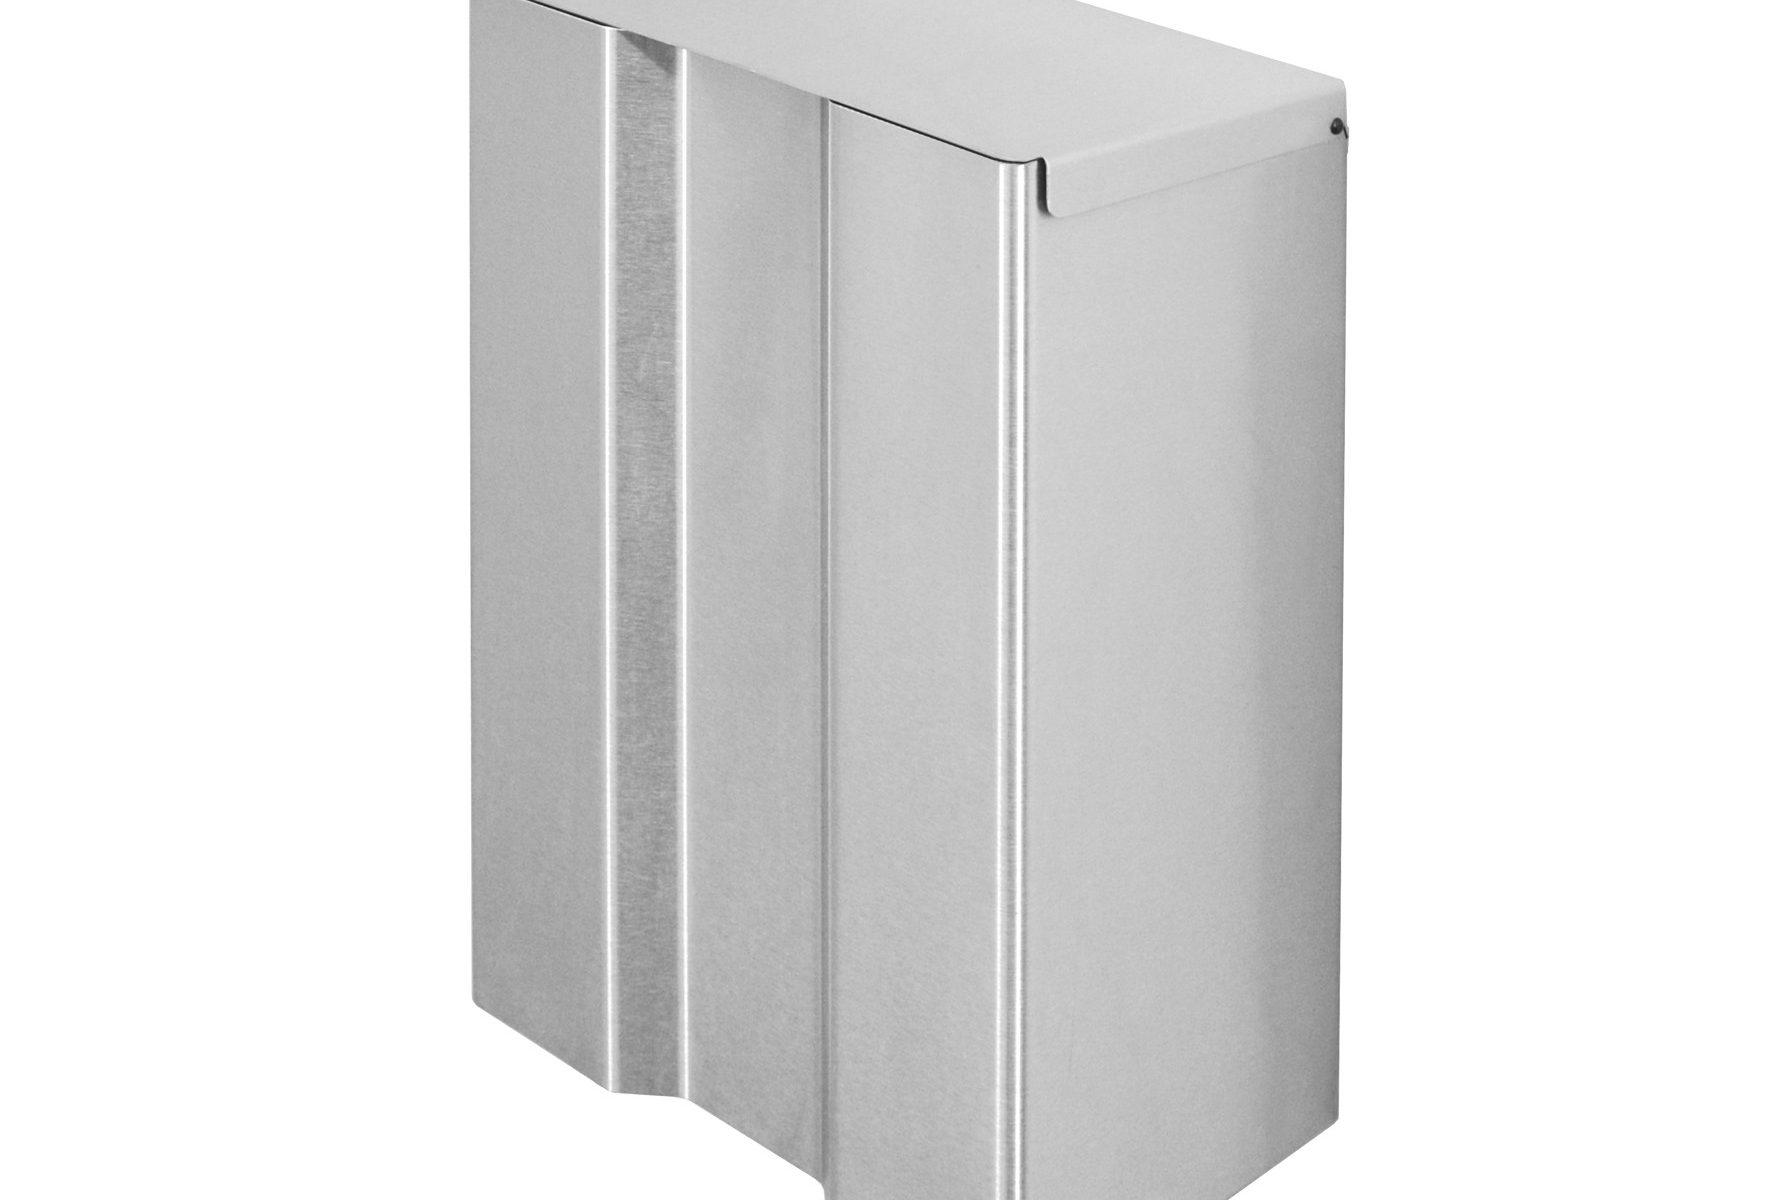 870755 Edelstahl Hygiene-Abfallsammler